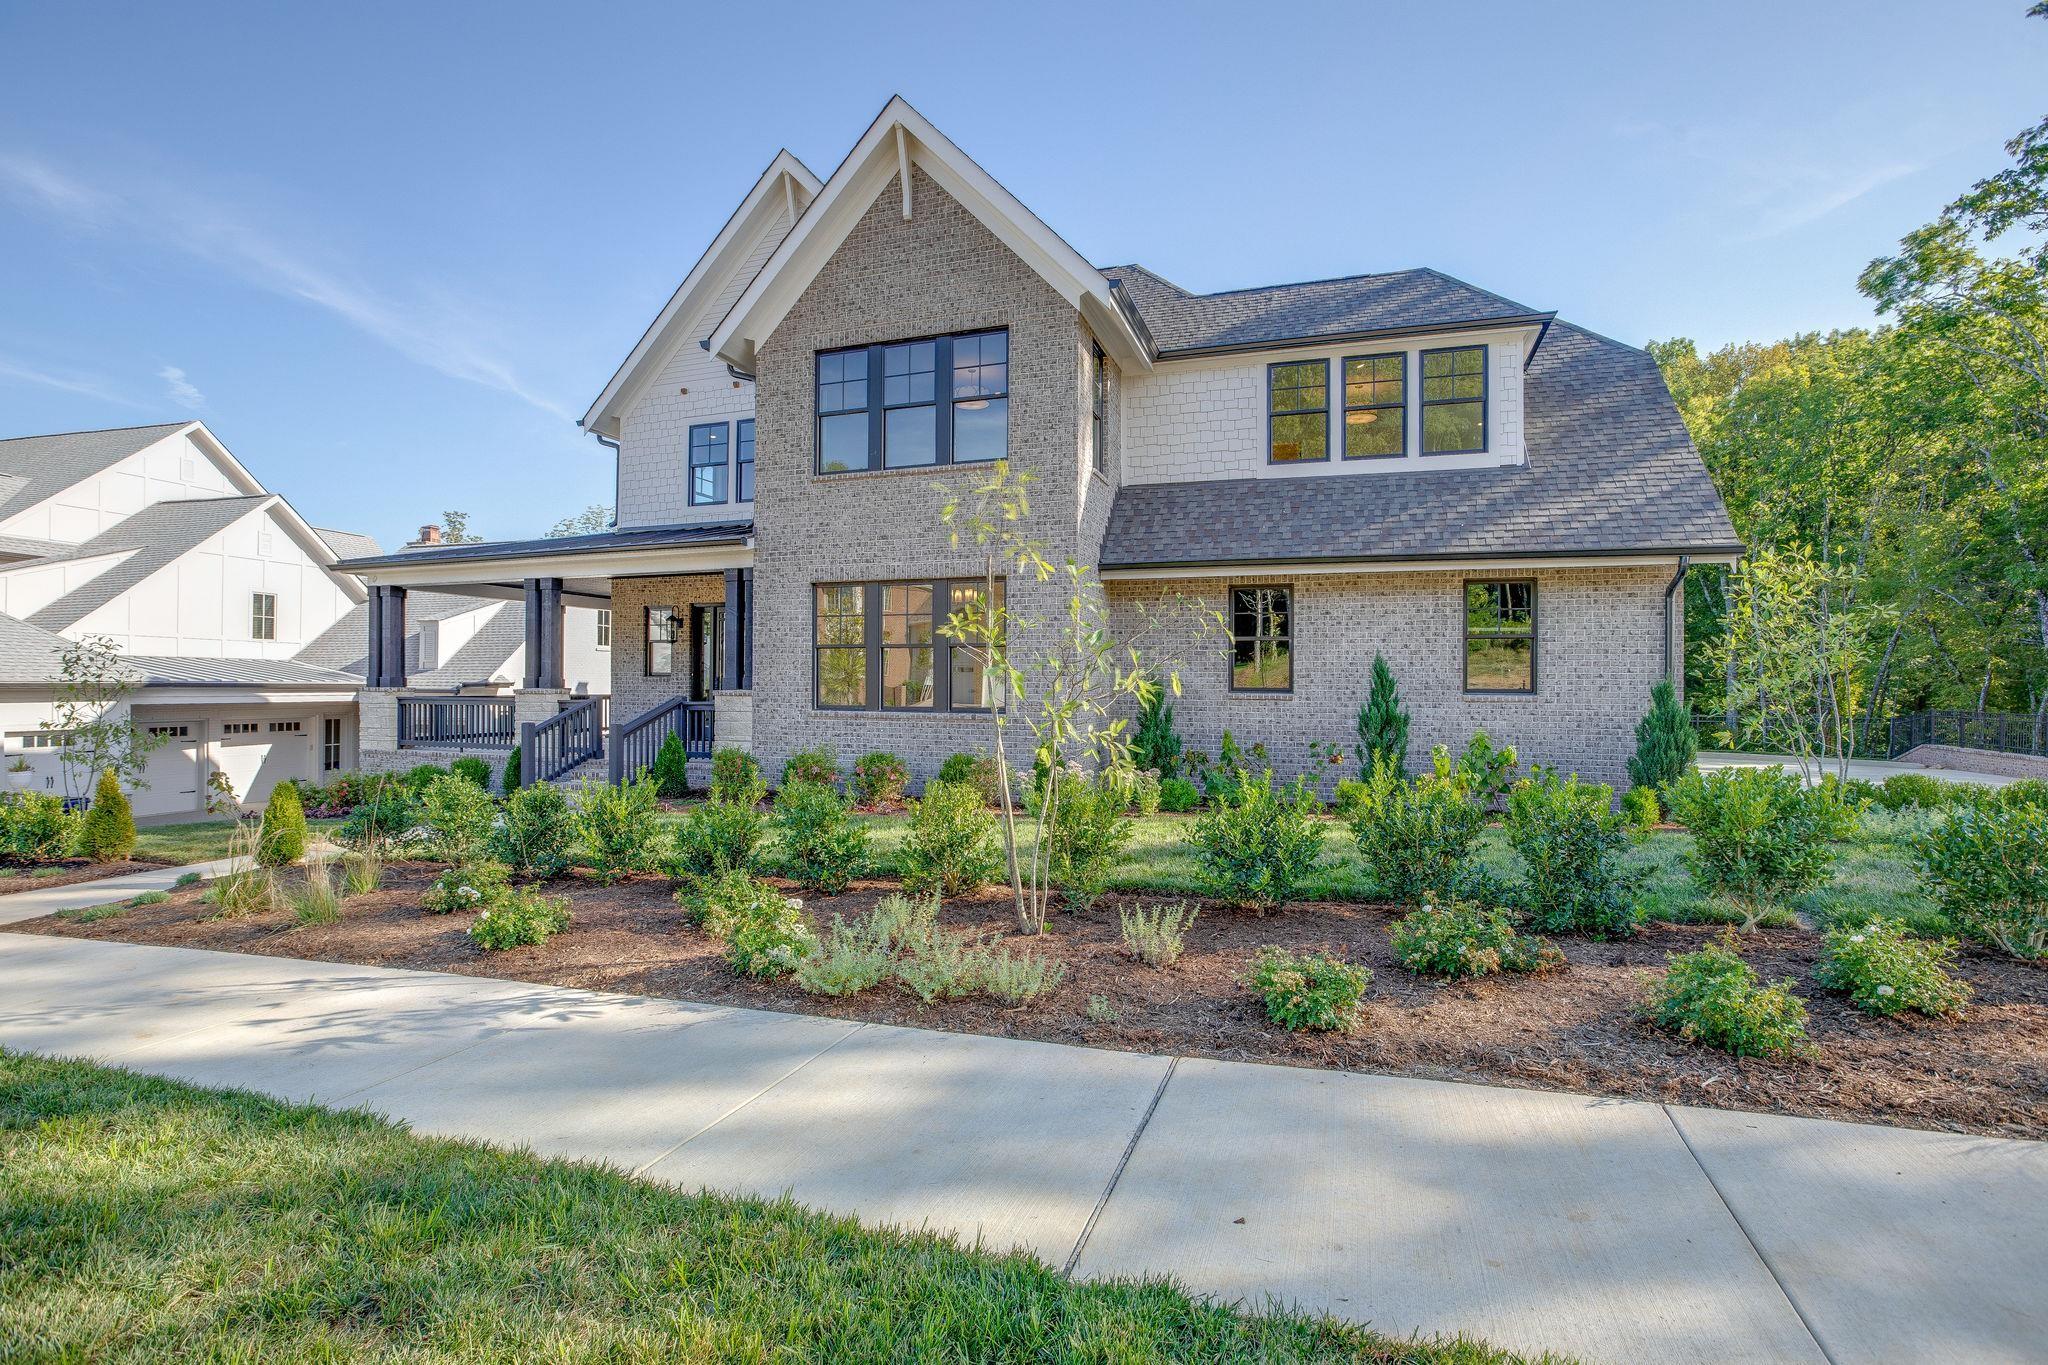 8637 Belladonna Dr (Lot 7033), College Grove, TN 37046 - College Grove, TN real estate listing